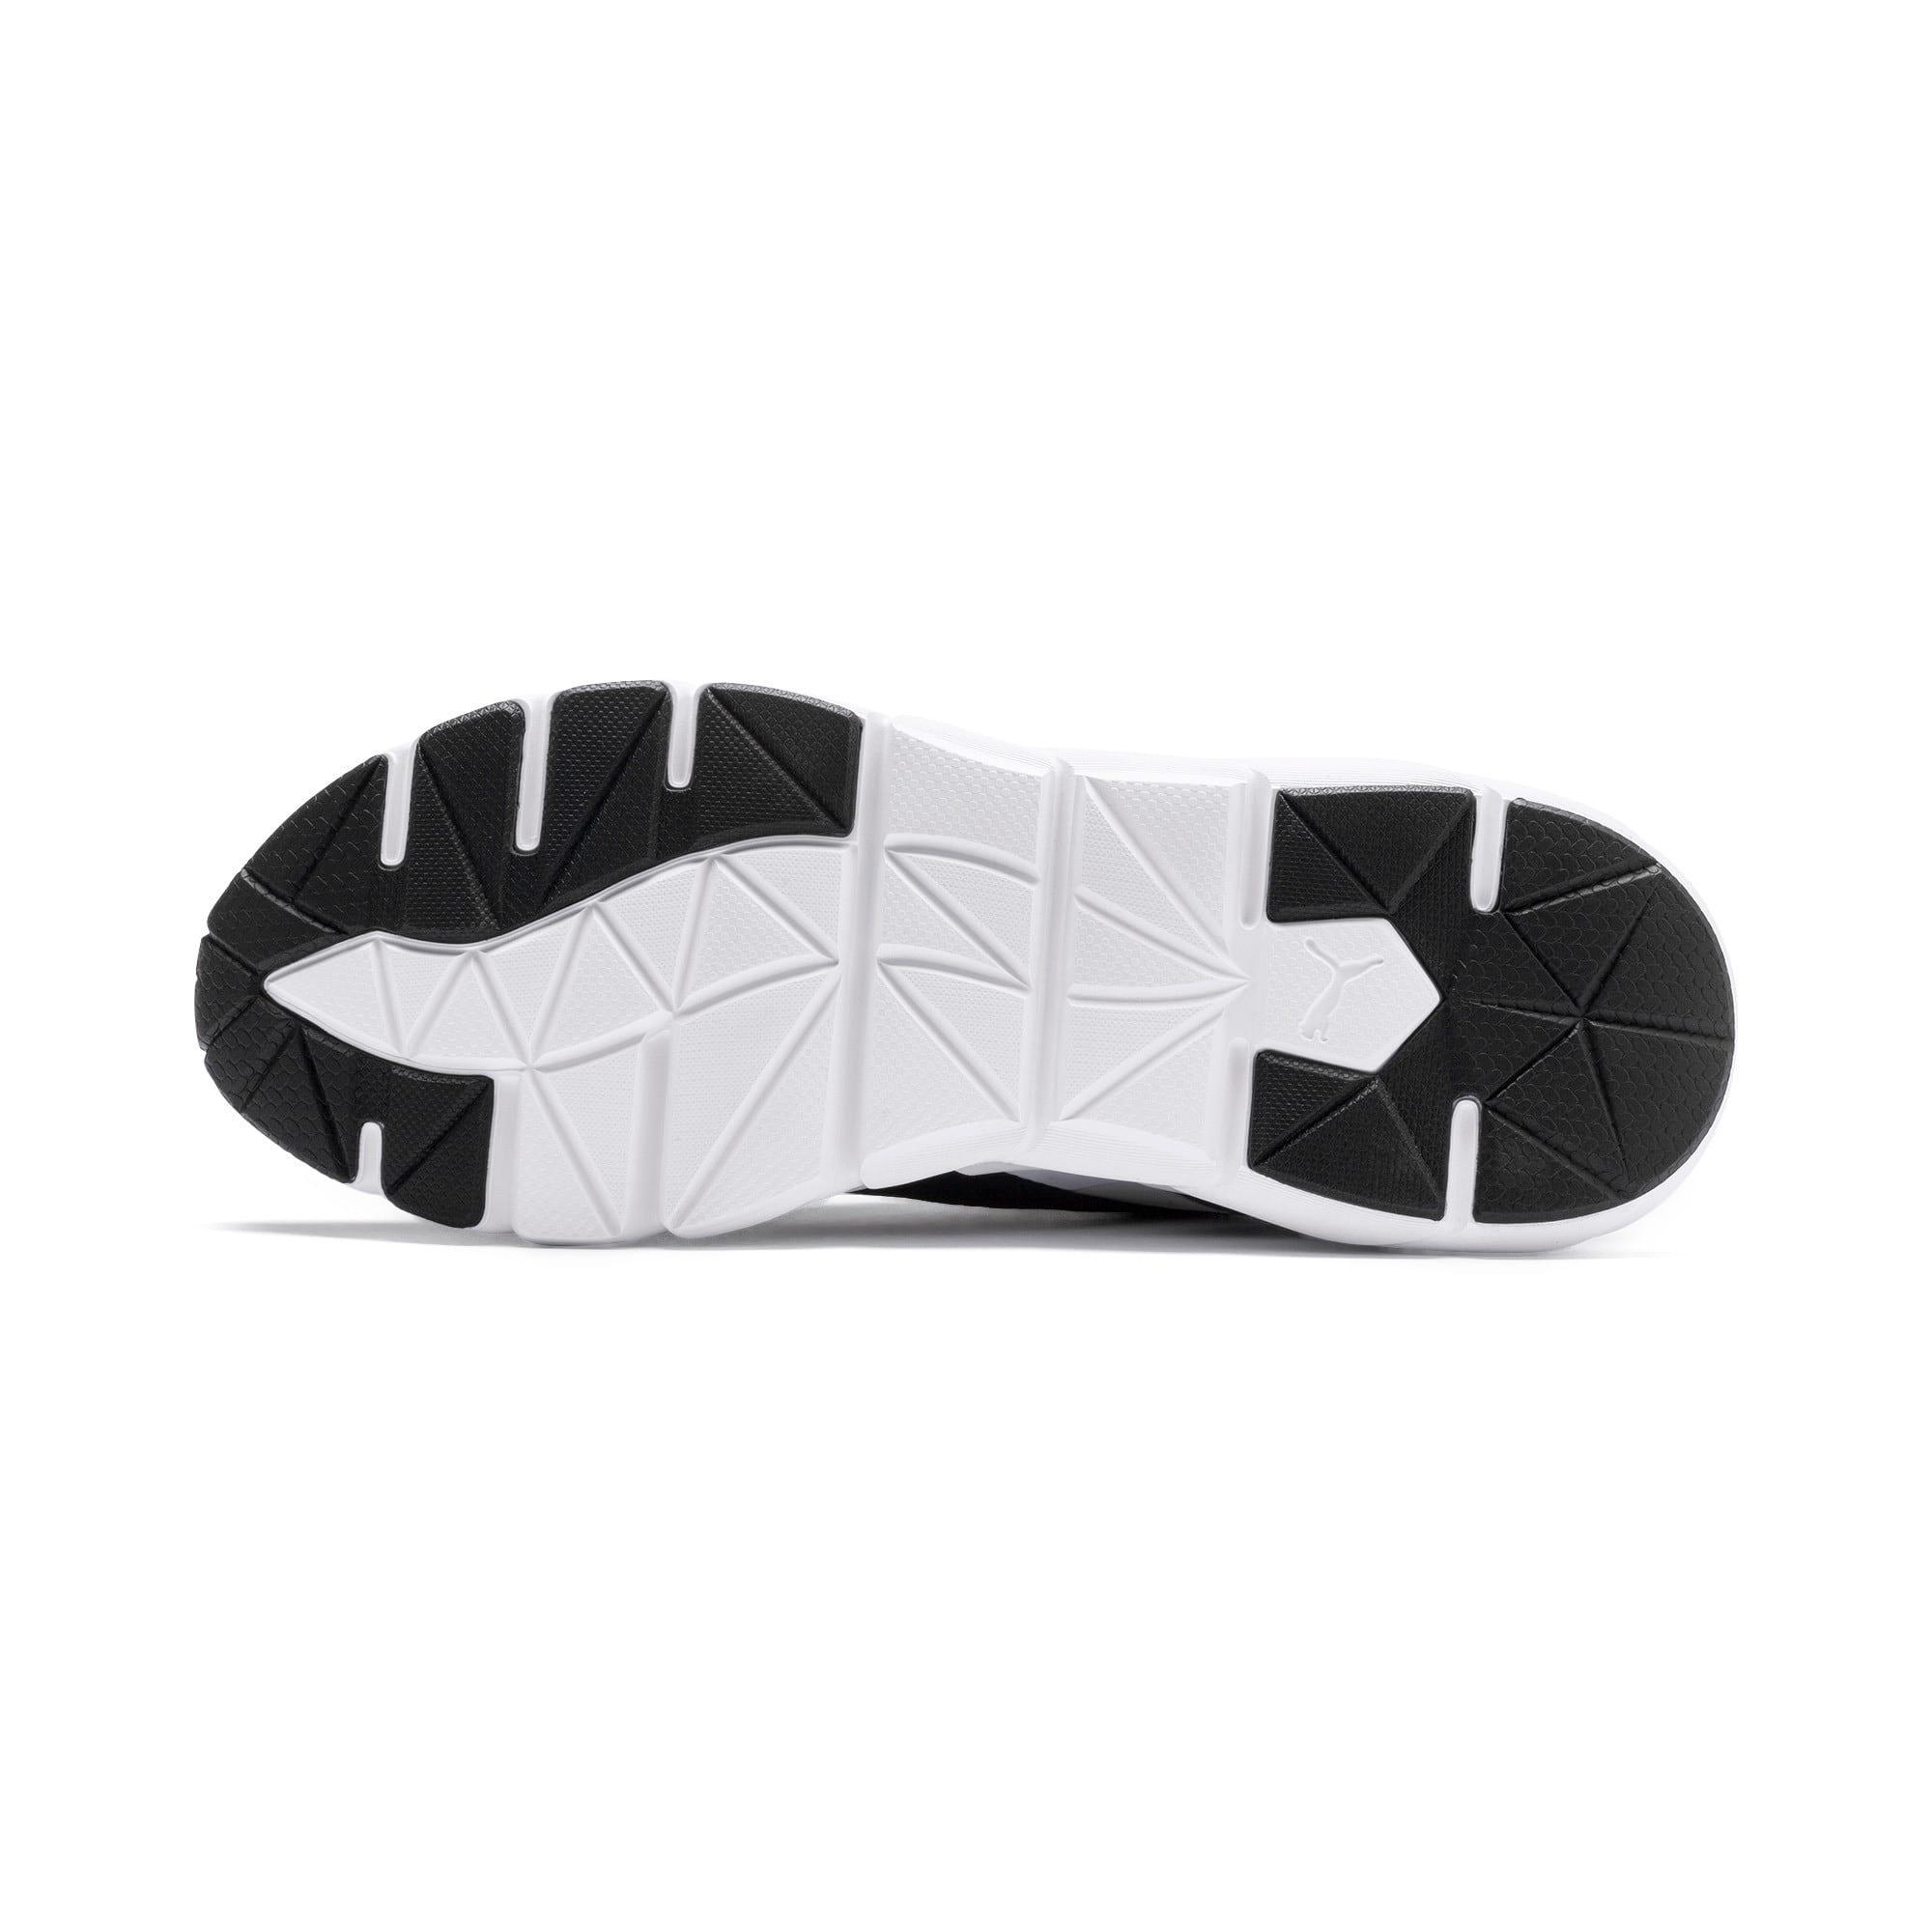 Miniatura 5 de Zapatos de entrenamiento Weave XT para mujer, Puma Black-Puma White, mediano